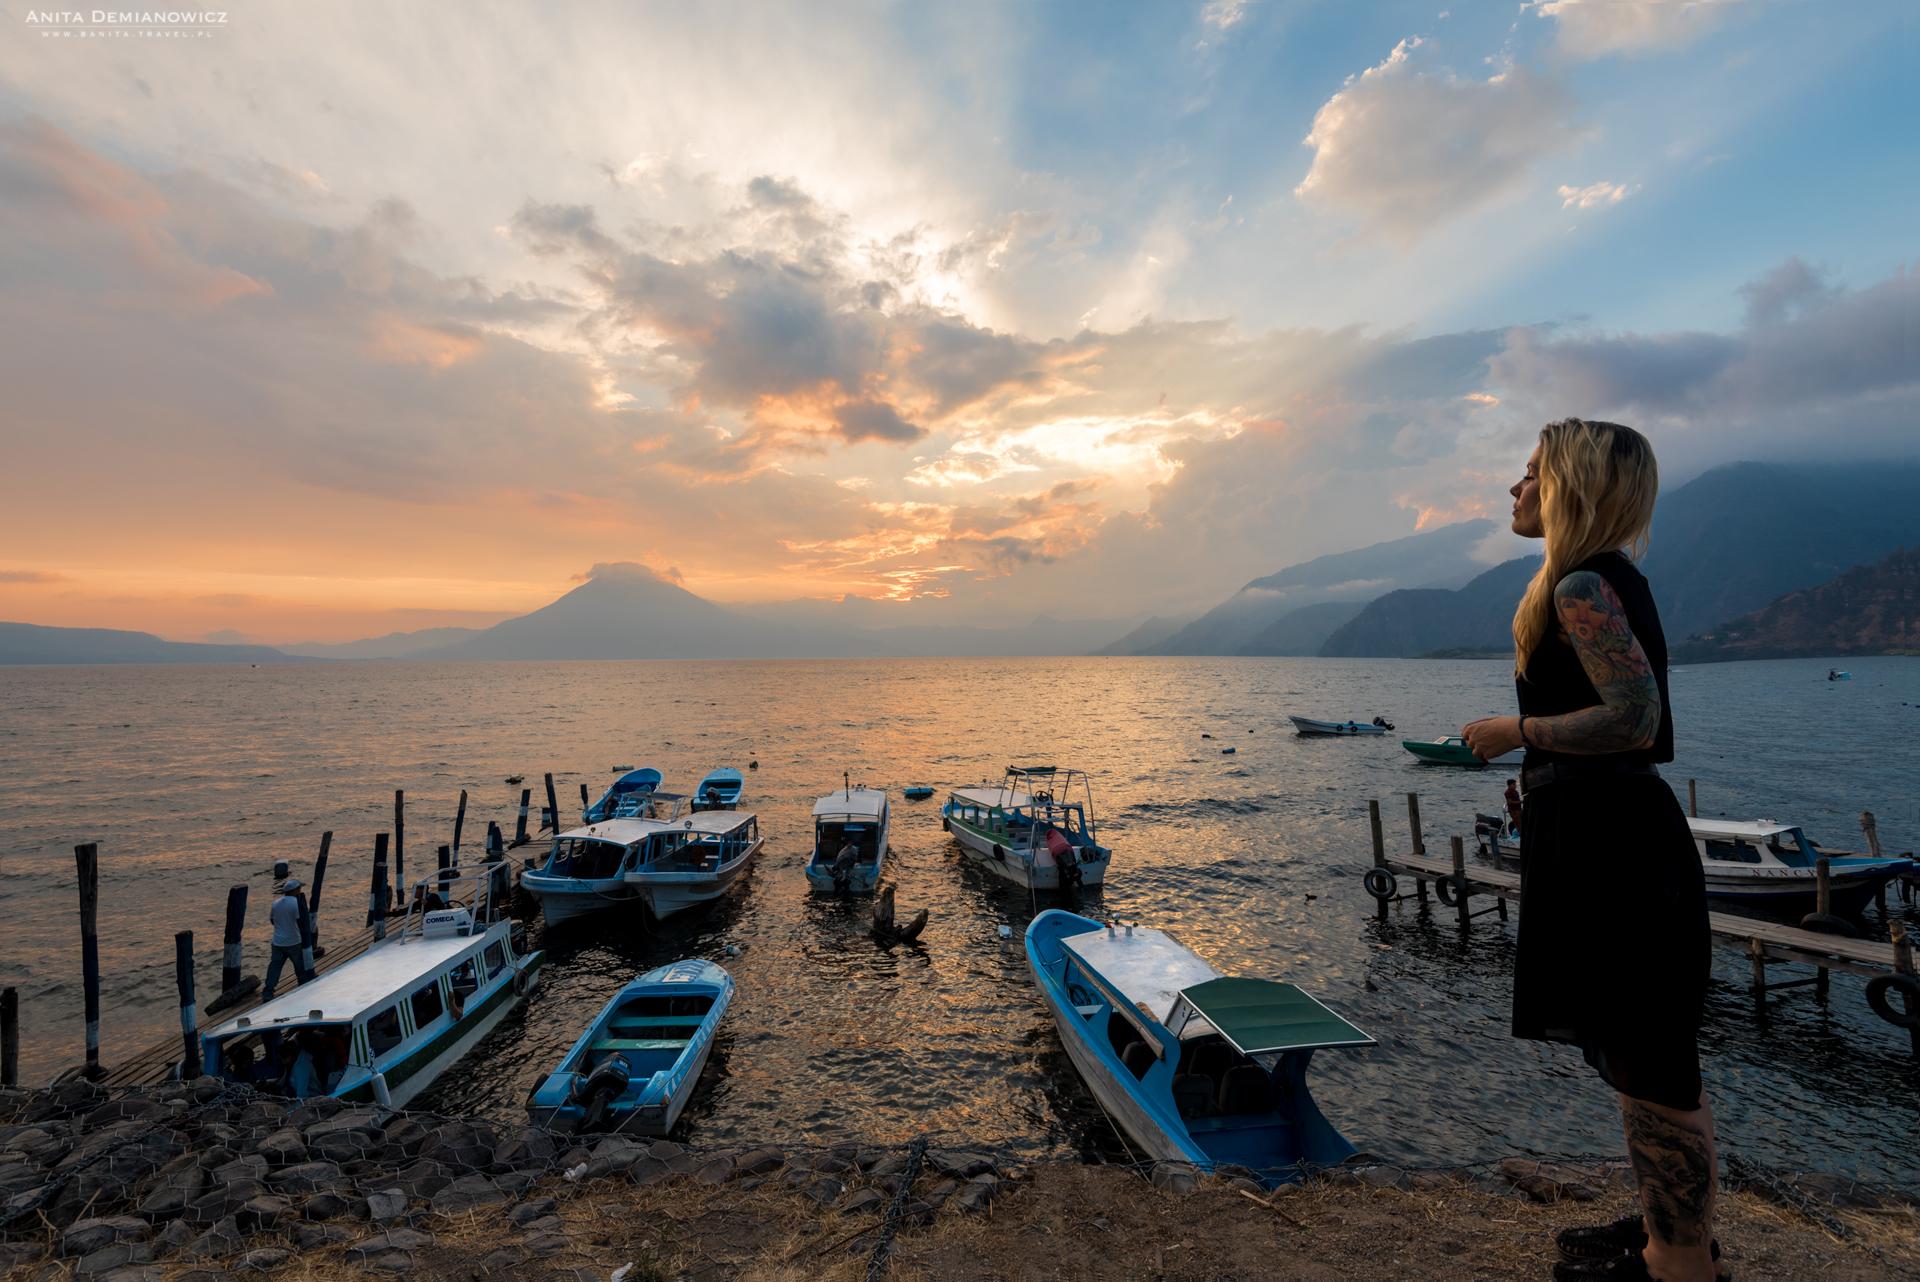 Jezioro Atitlán jest uważane zajedno znajpiękniejszych jezior świata. Ma 18 km długości iotaczają go trzy wulkany: Atitlán (3537 m npm), Tolimán (3 158 m npm) iSan Pedro (3020 m npm). Mało tego, żejezioro jest piękne, toskrywa jeszcze wielką tajemnicę. Wjego otchłani odnaleziono zatopione miasto, co czyni je wyjątkowym, jeśli chodzi ocałą Mezoamerykę.